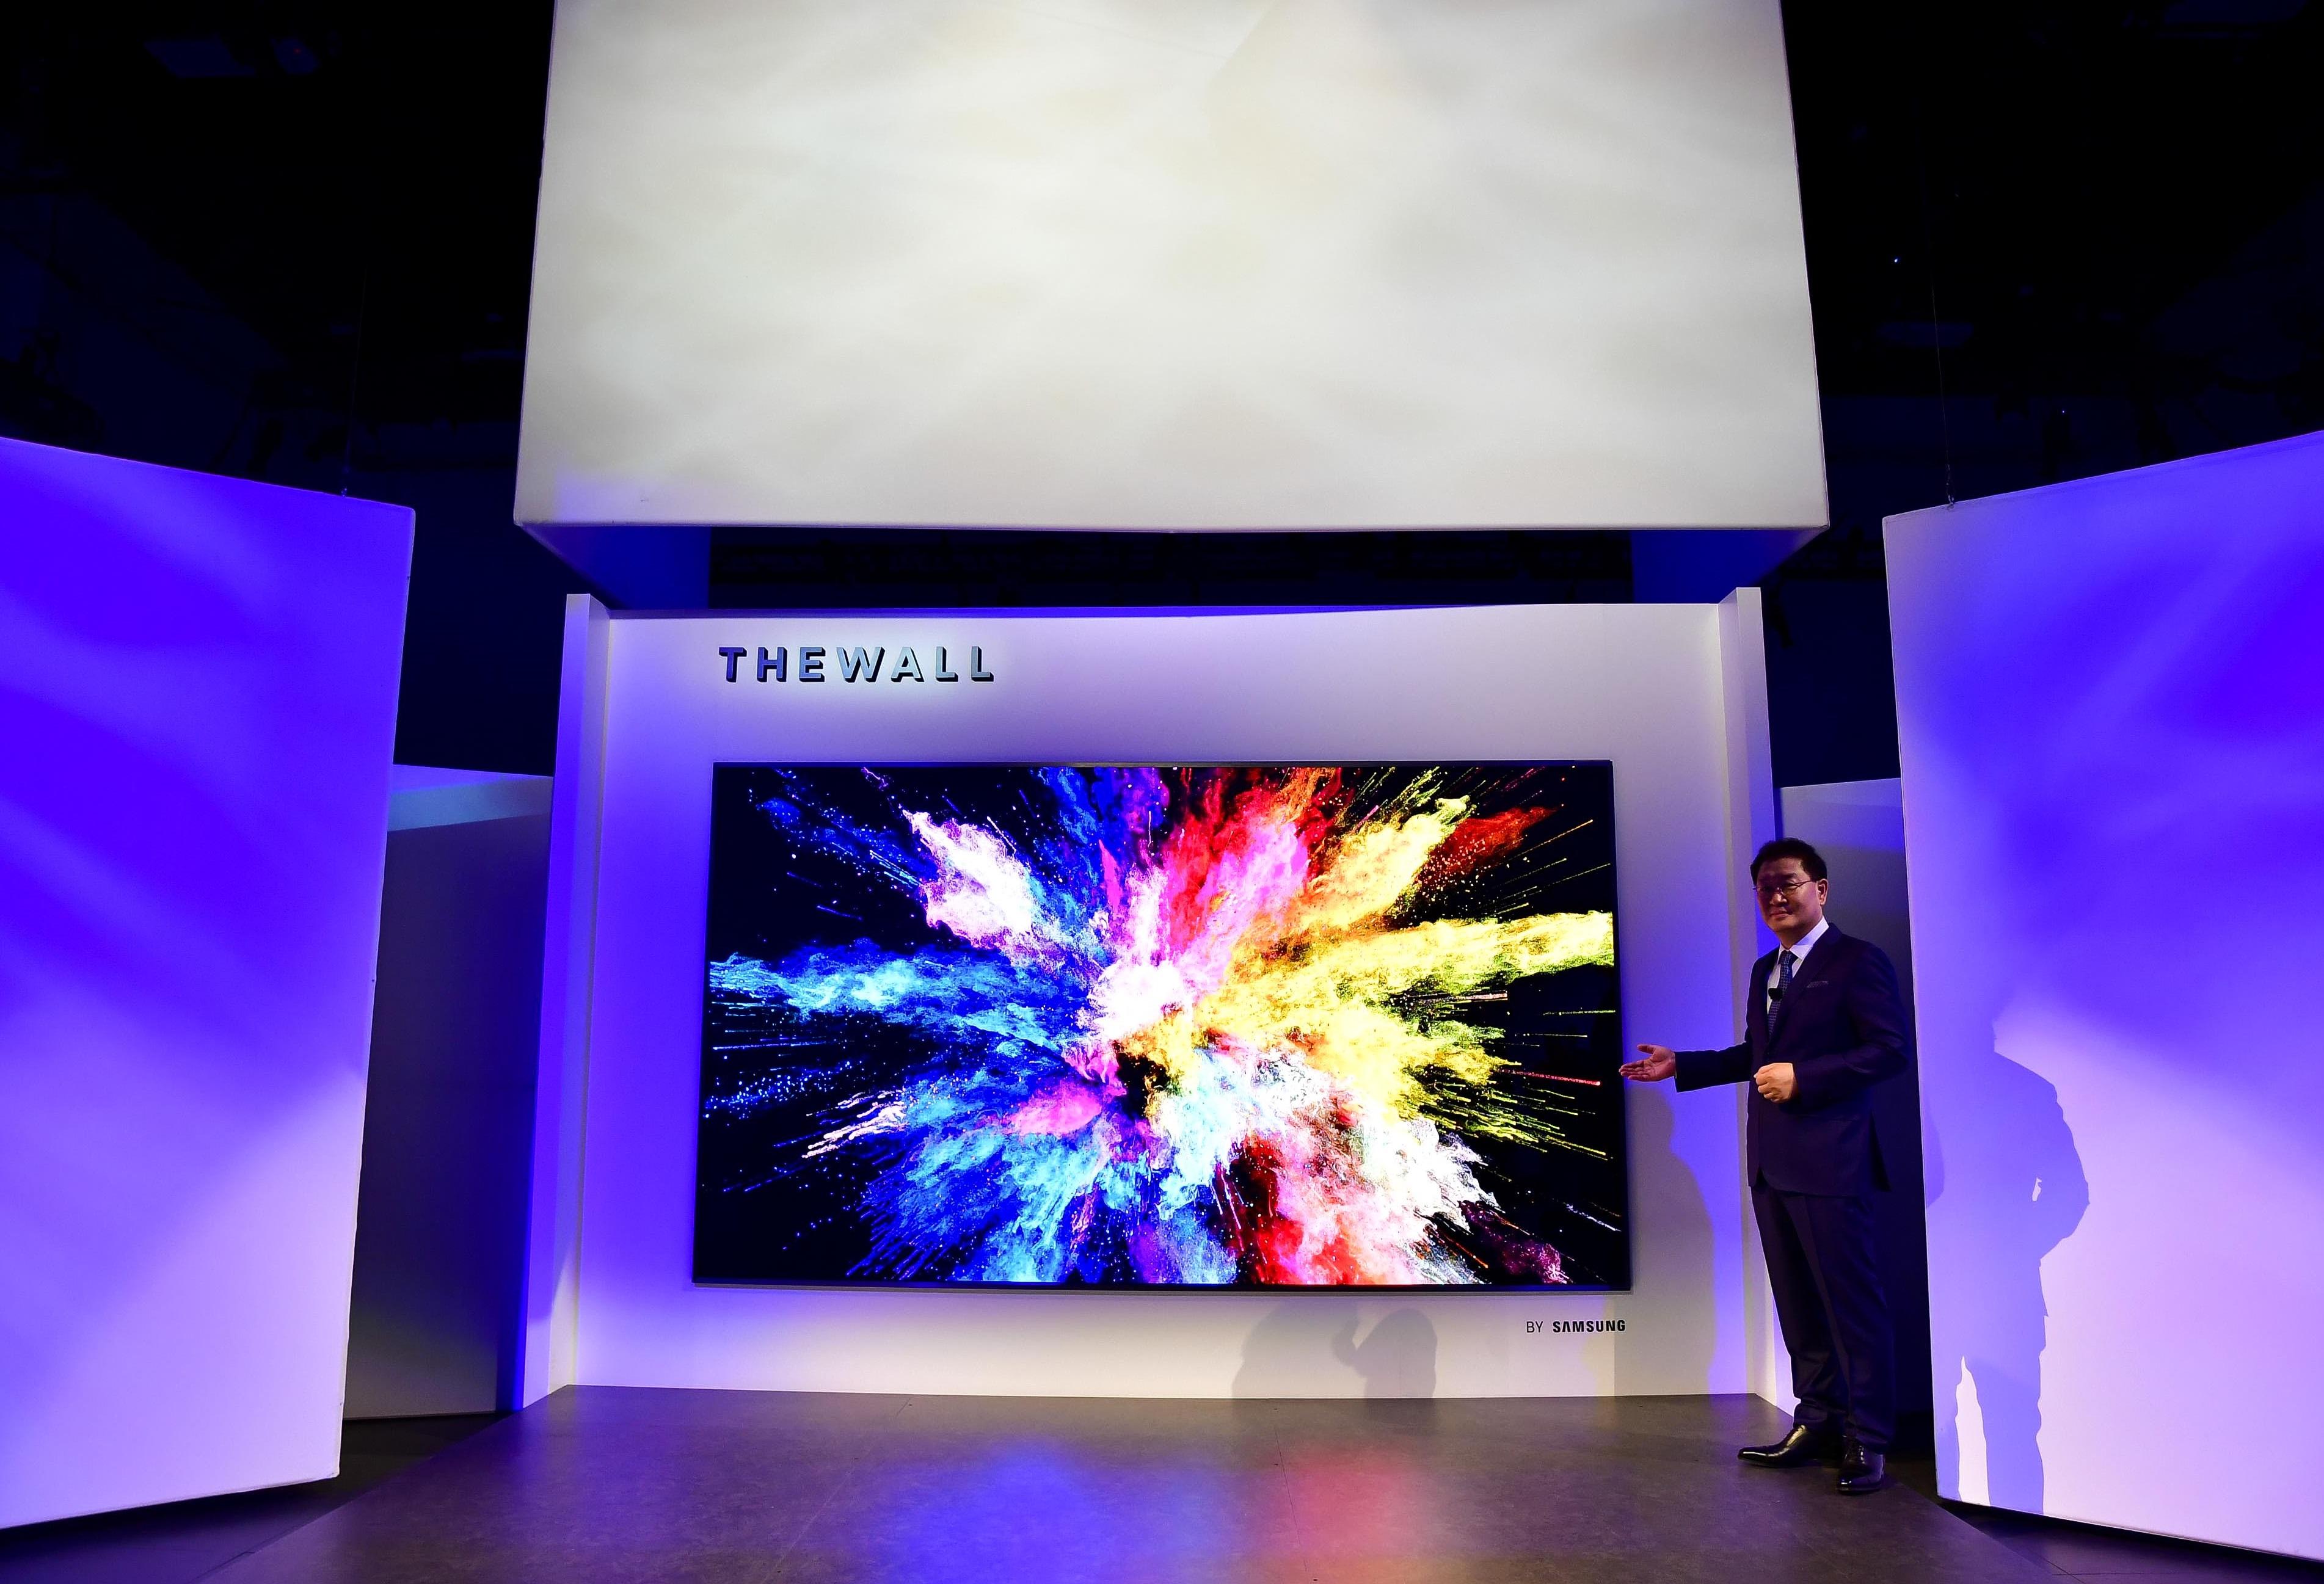 ▲지난 해, QLED를 선보여 글로벌 TV시장을 이끌었던 삼성전자의 신제품  '더 월(The  Wall)'이 미디어 관계자들의 뜨거운 관심 속에 베일을 벗었다